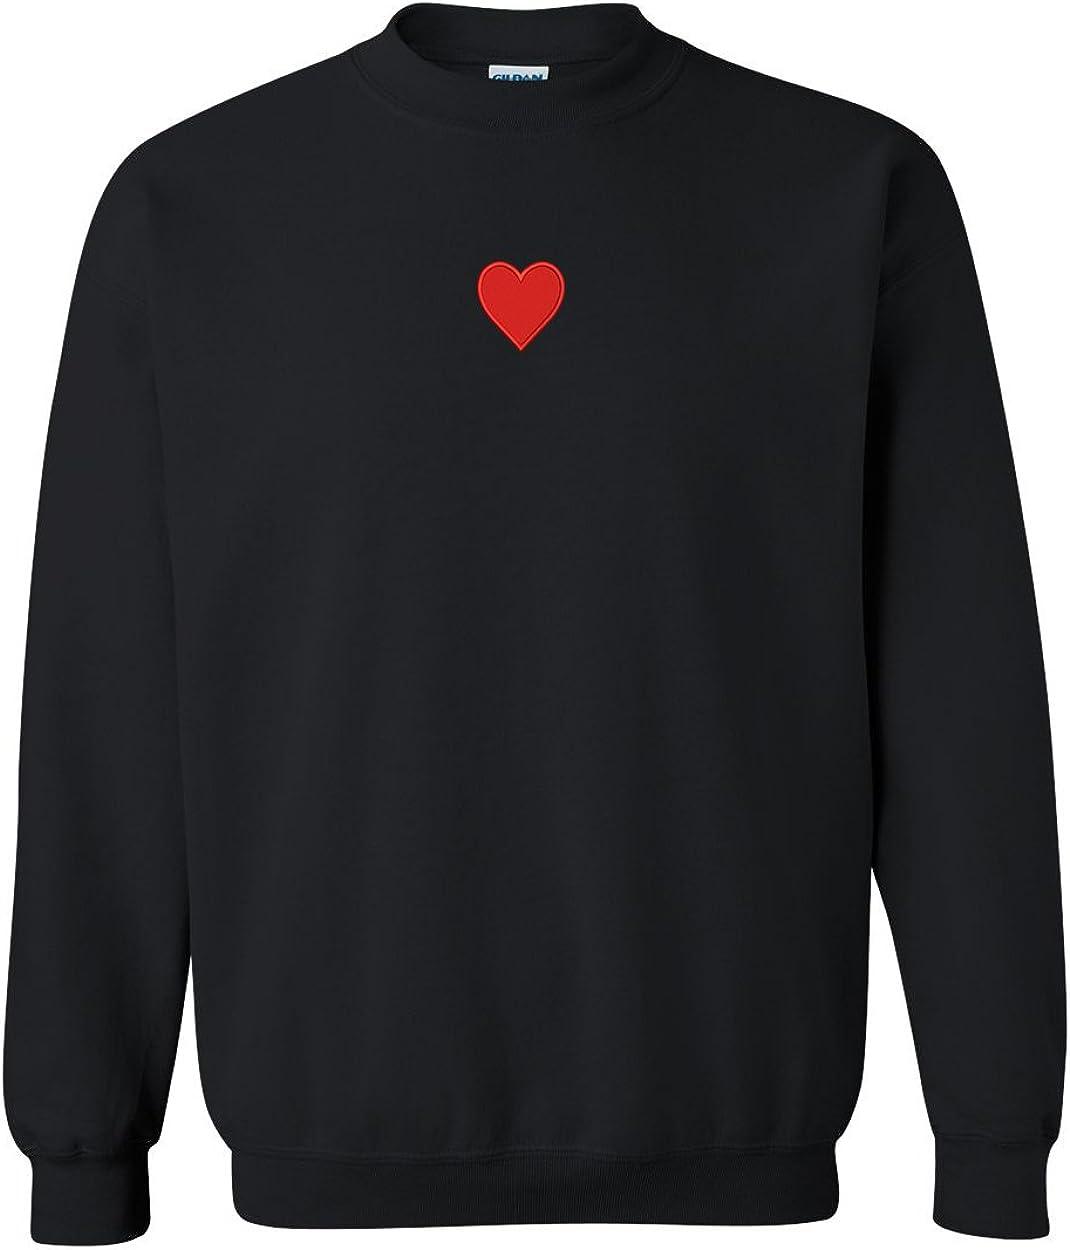 Trendy Apparel Shop Emoticon Heart Embroidered Crewneck Sweatshirt